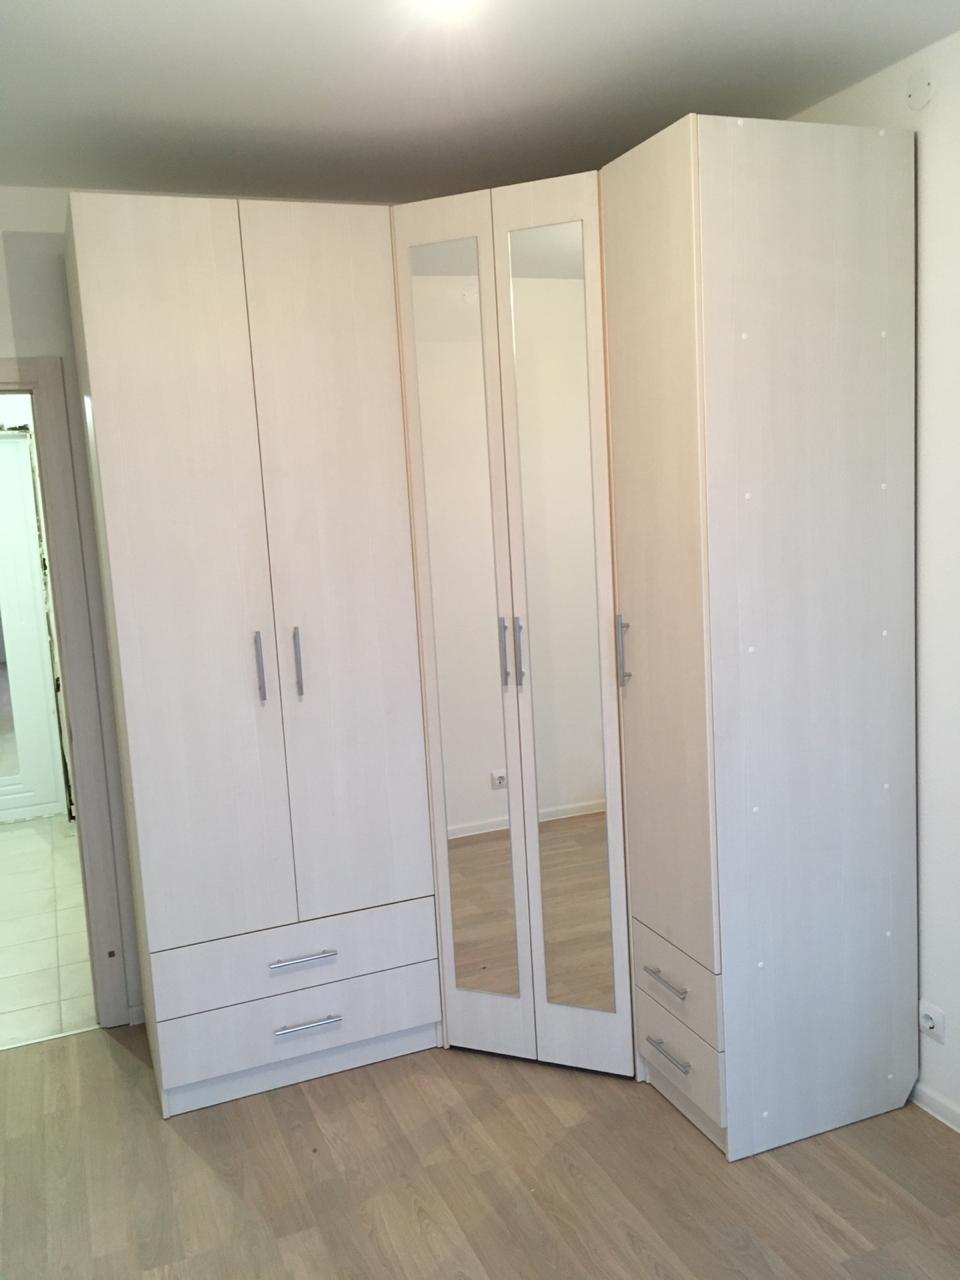 Угловой шкаф с распашными дверьми 2412х819х1019х605х405 мм